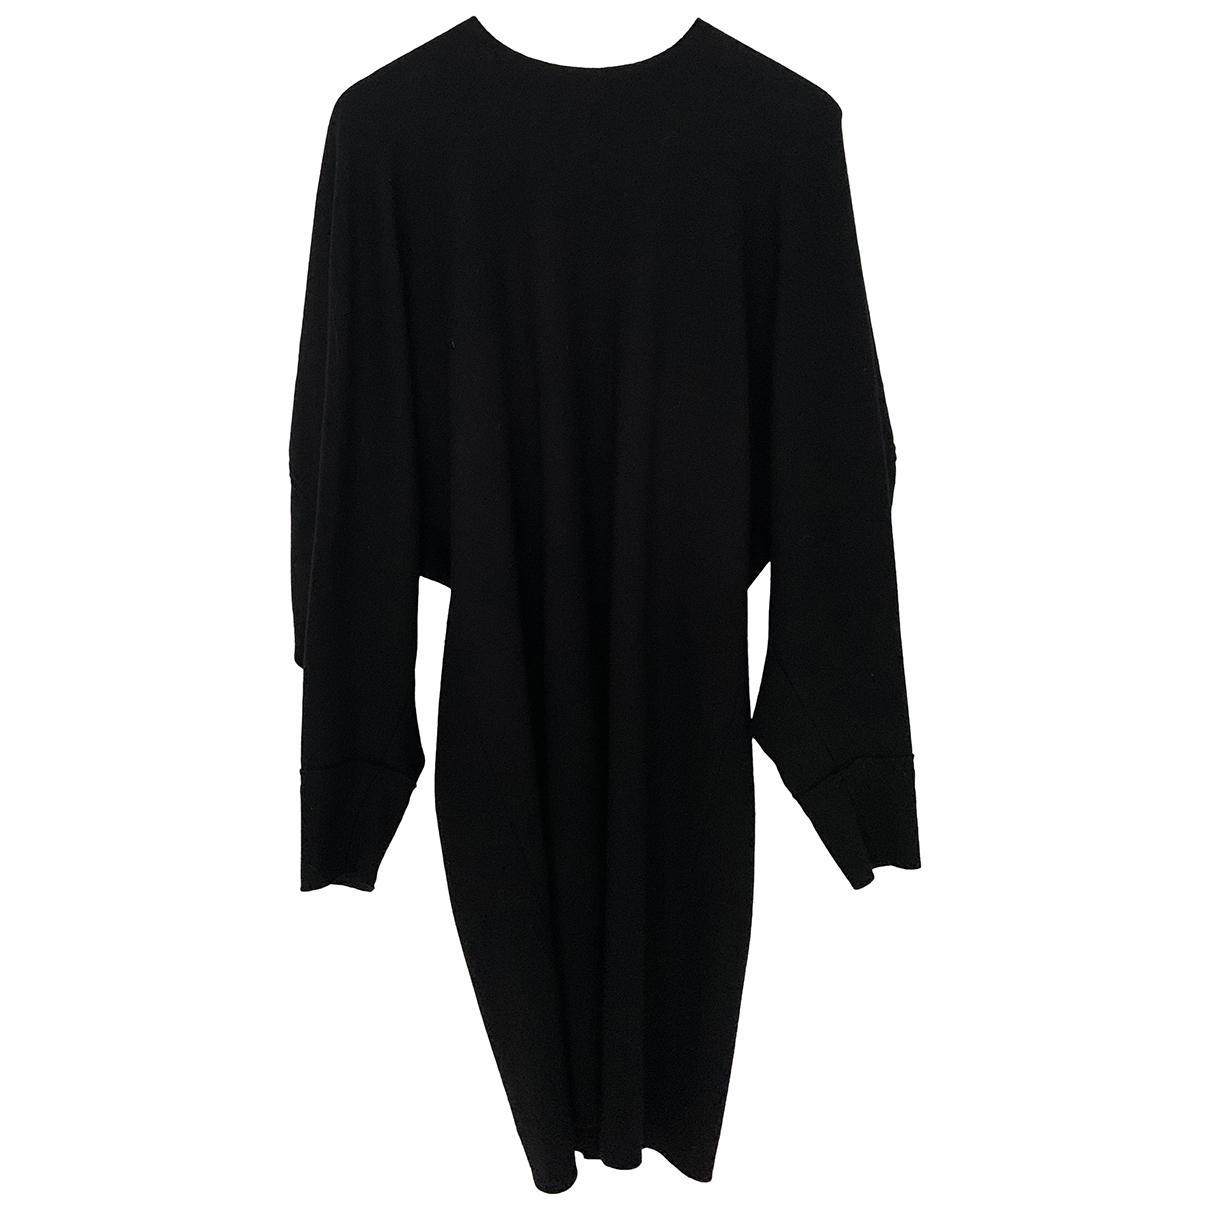 Lanvin \N Black Wool dress for Women 38